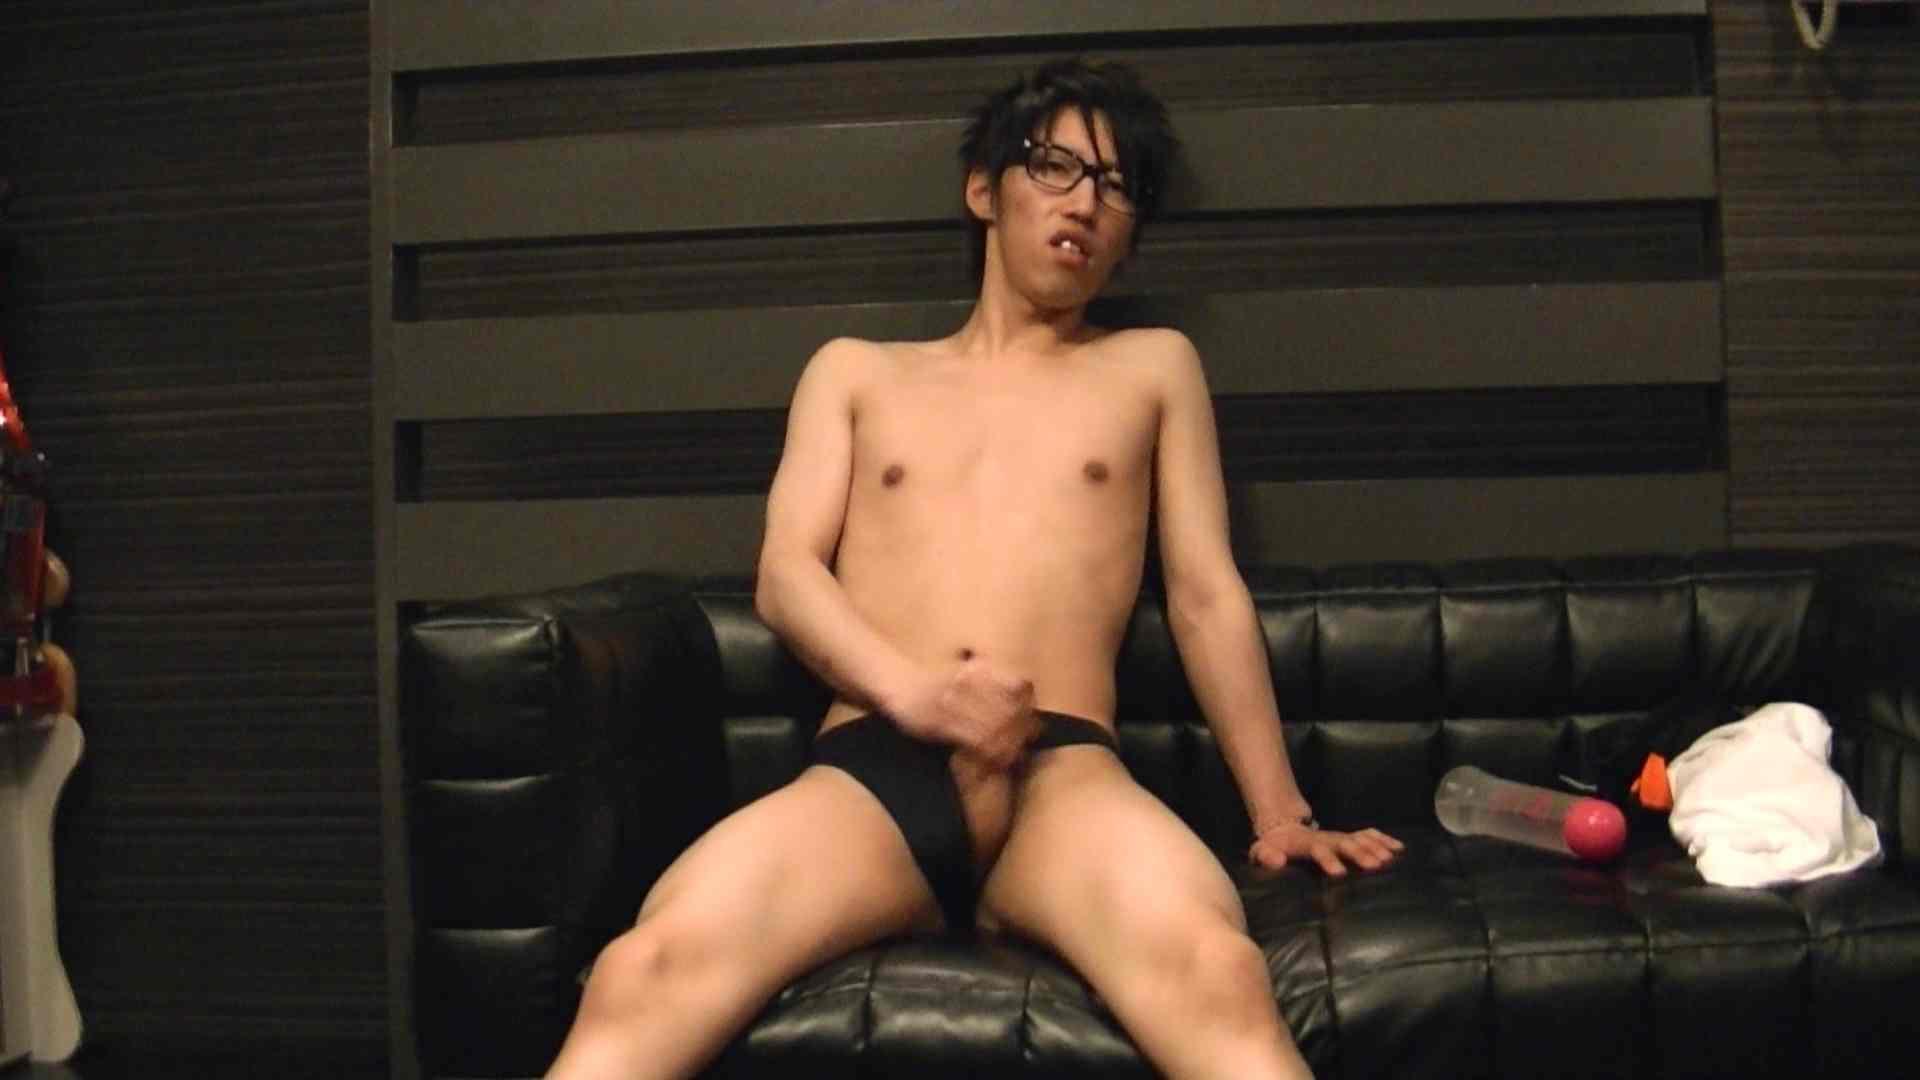 Mr.オナックスさん投稿!HD 貴方のオナニー三万円で撮影させてください。VOL.04 スジ筋系  32pic 27